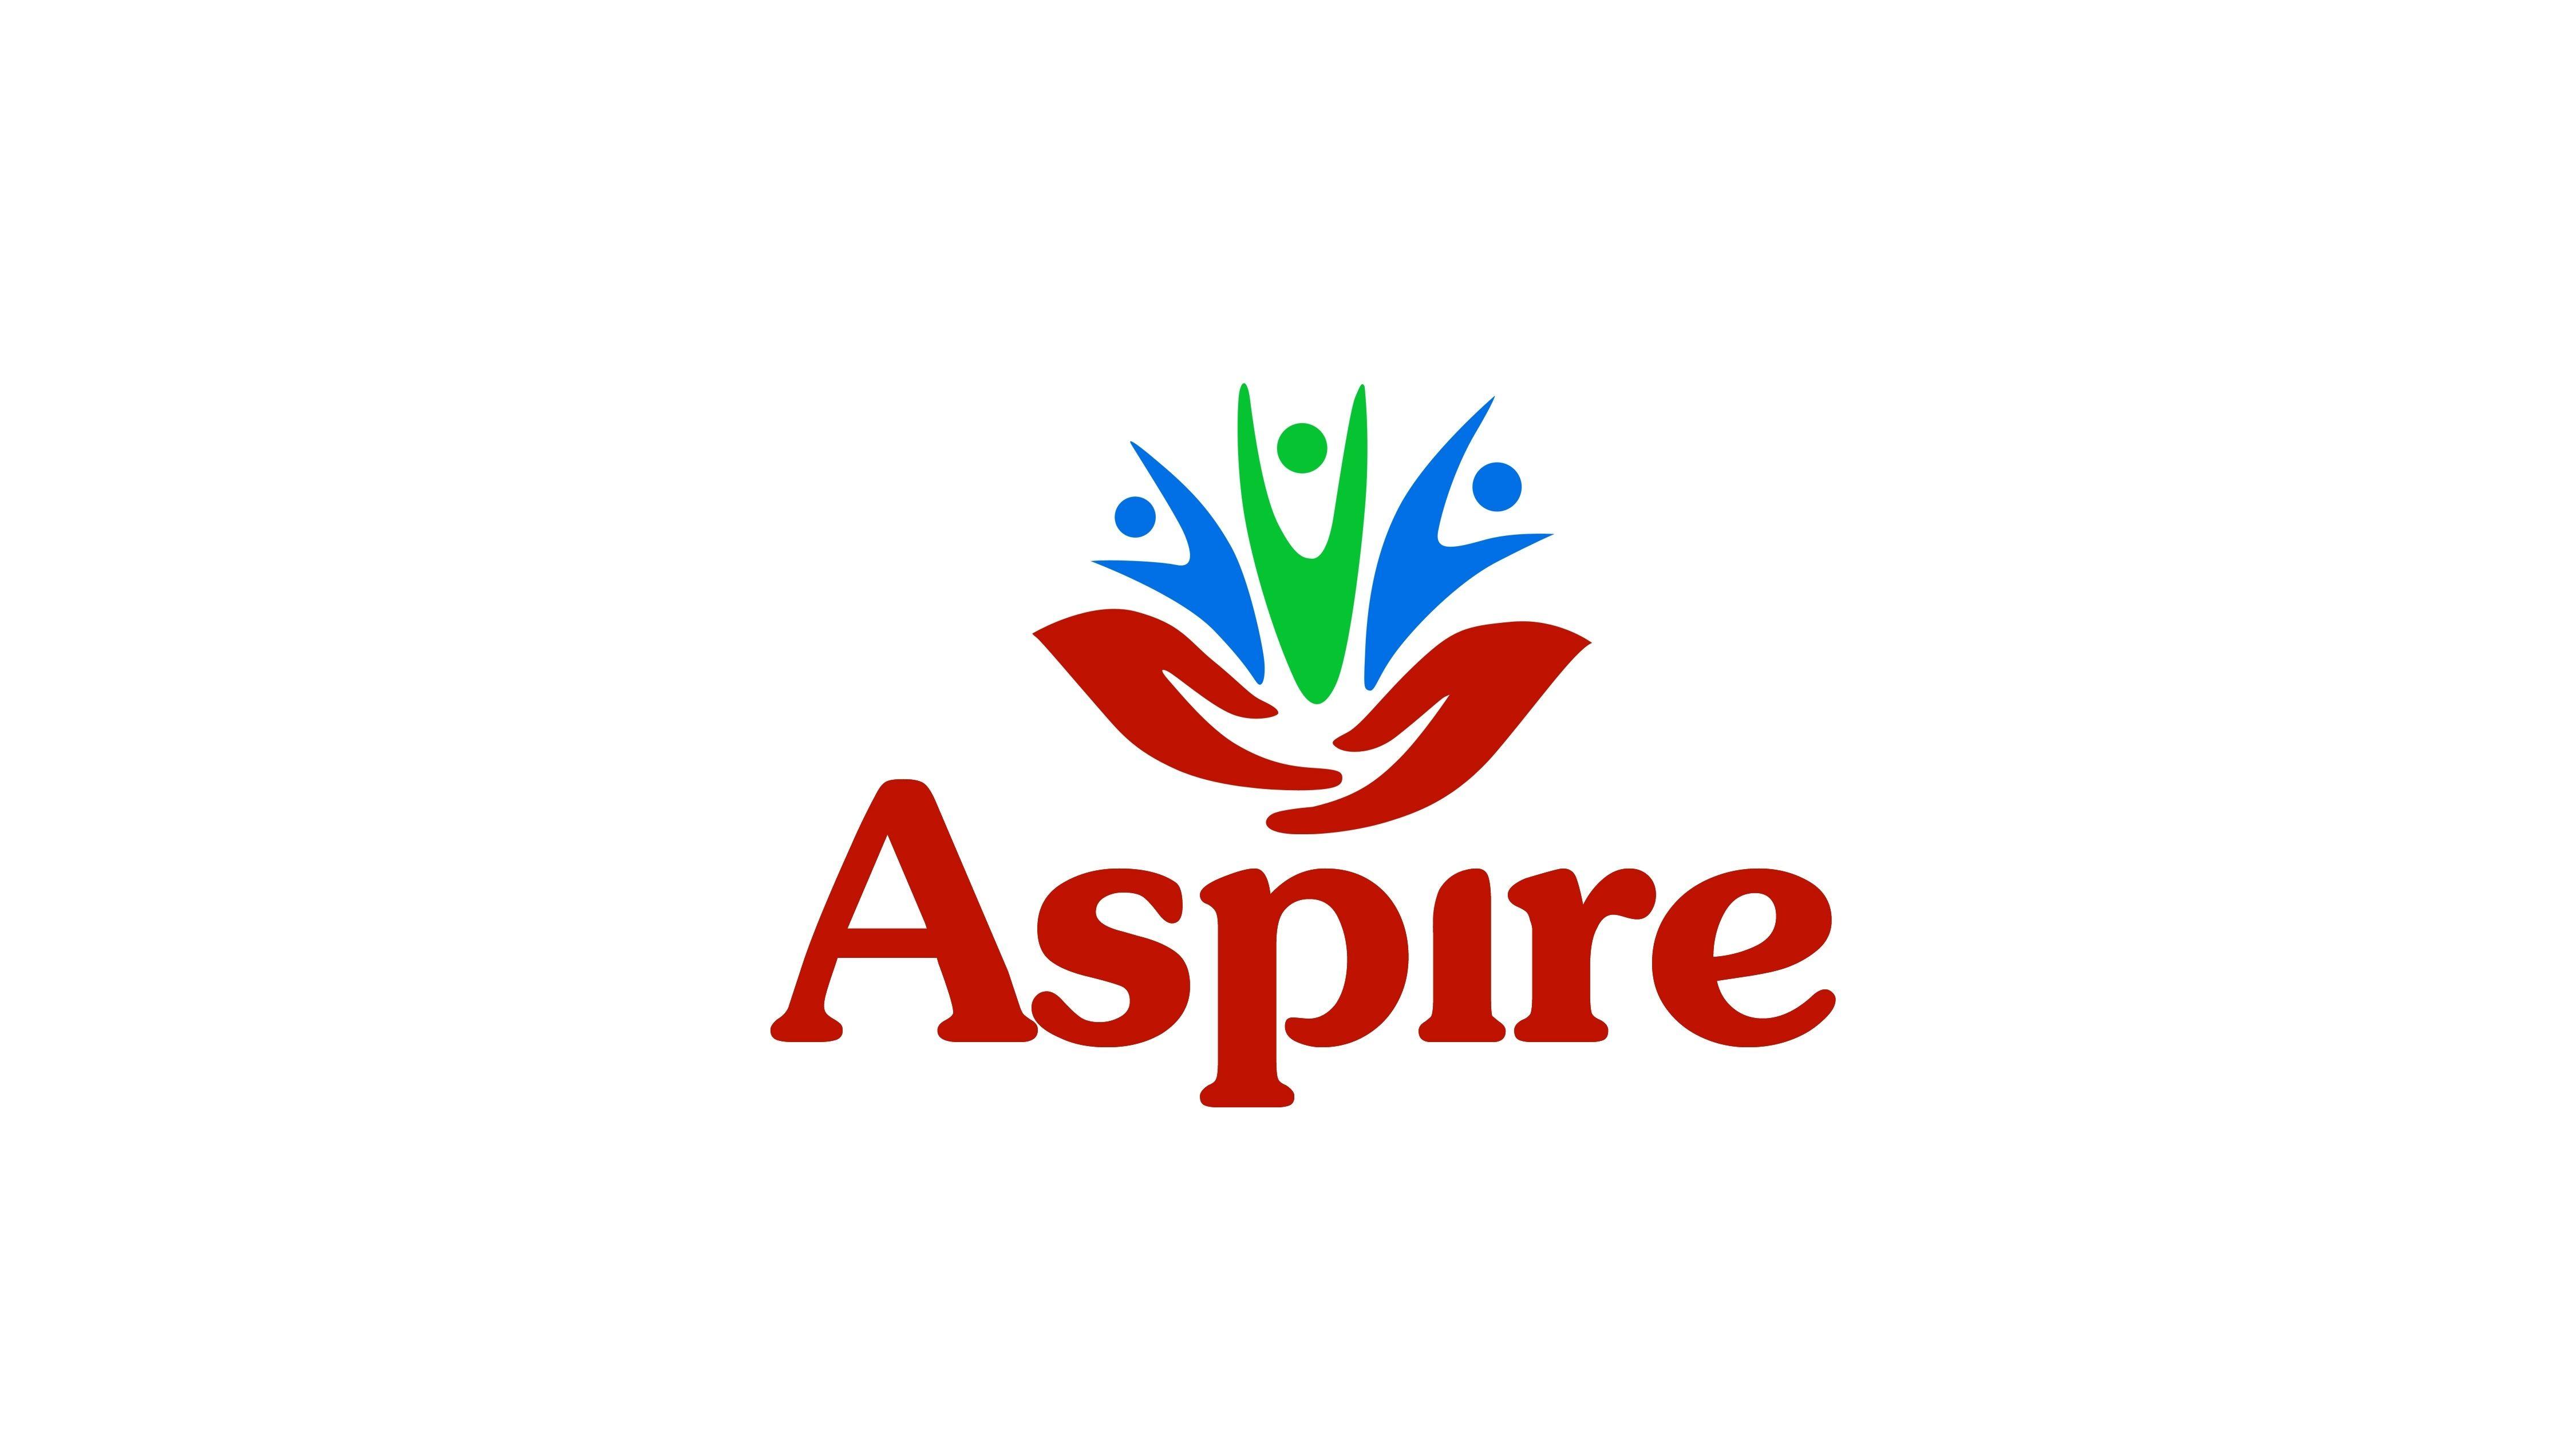 Aspire Lake County, IL